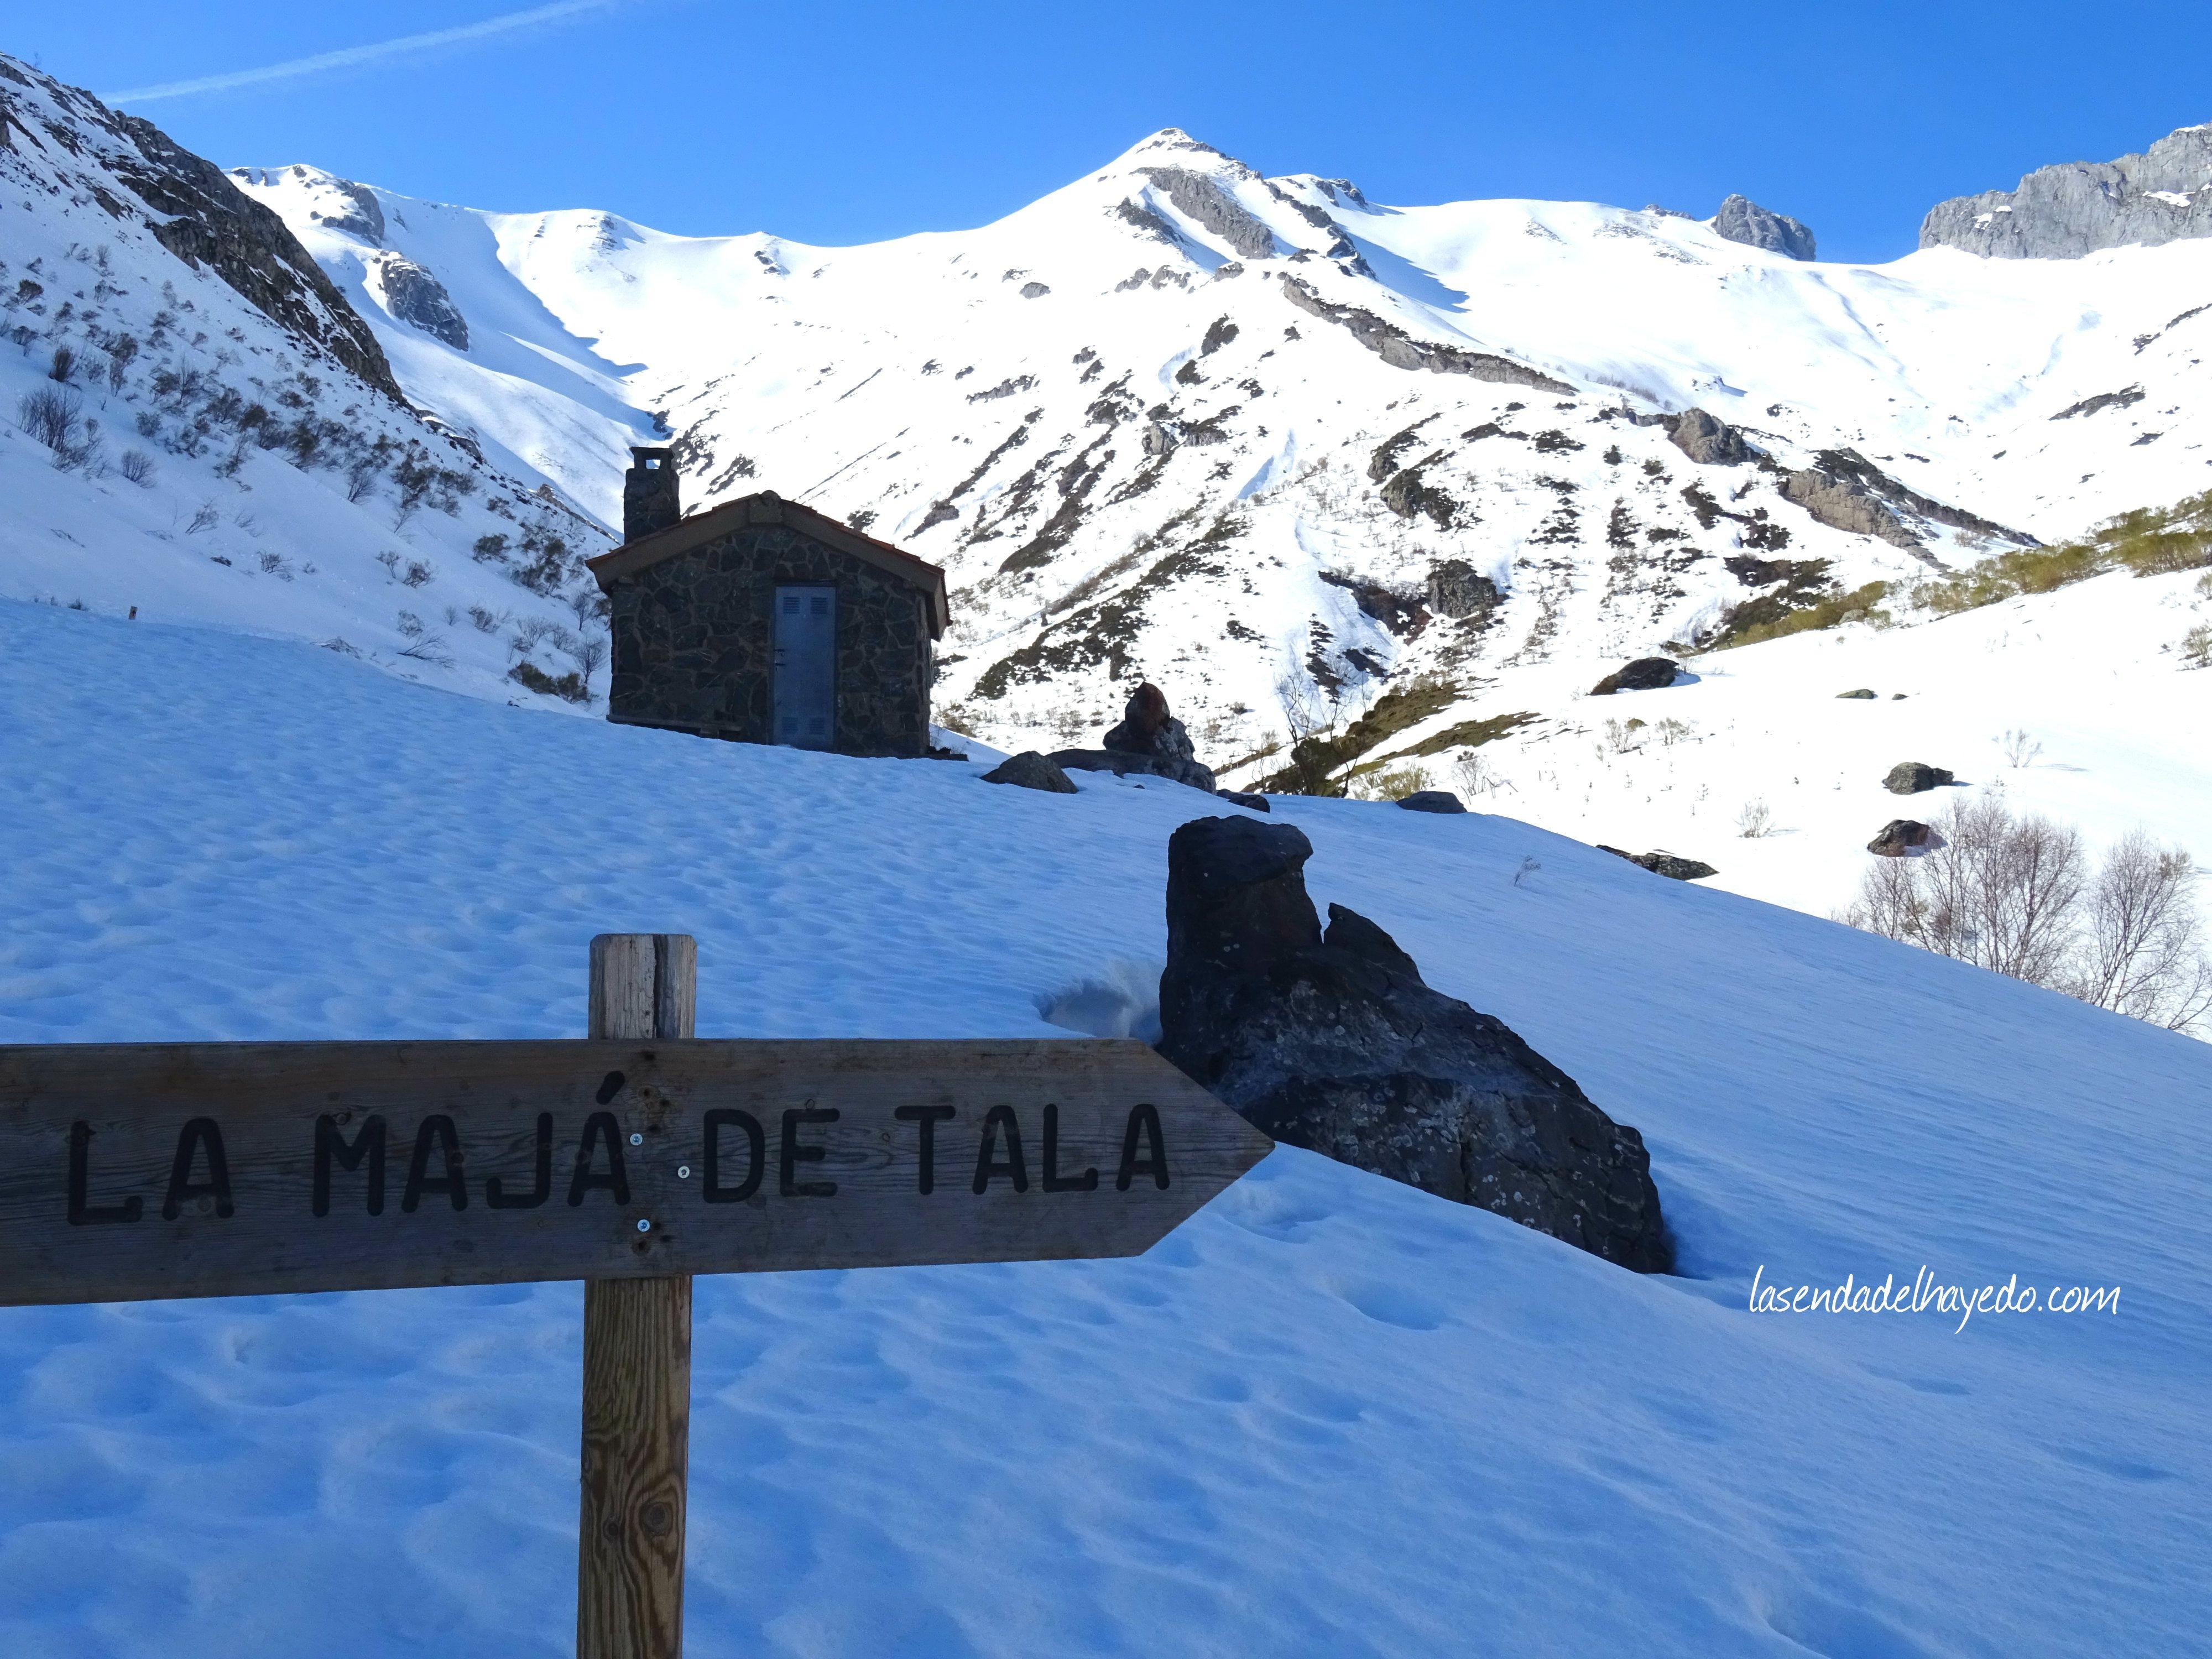 La Mayá de Tala